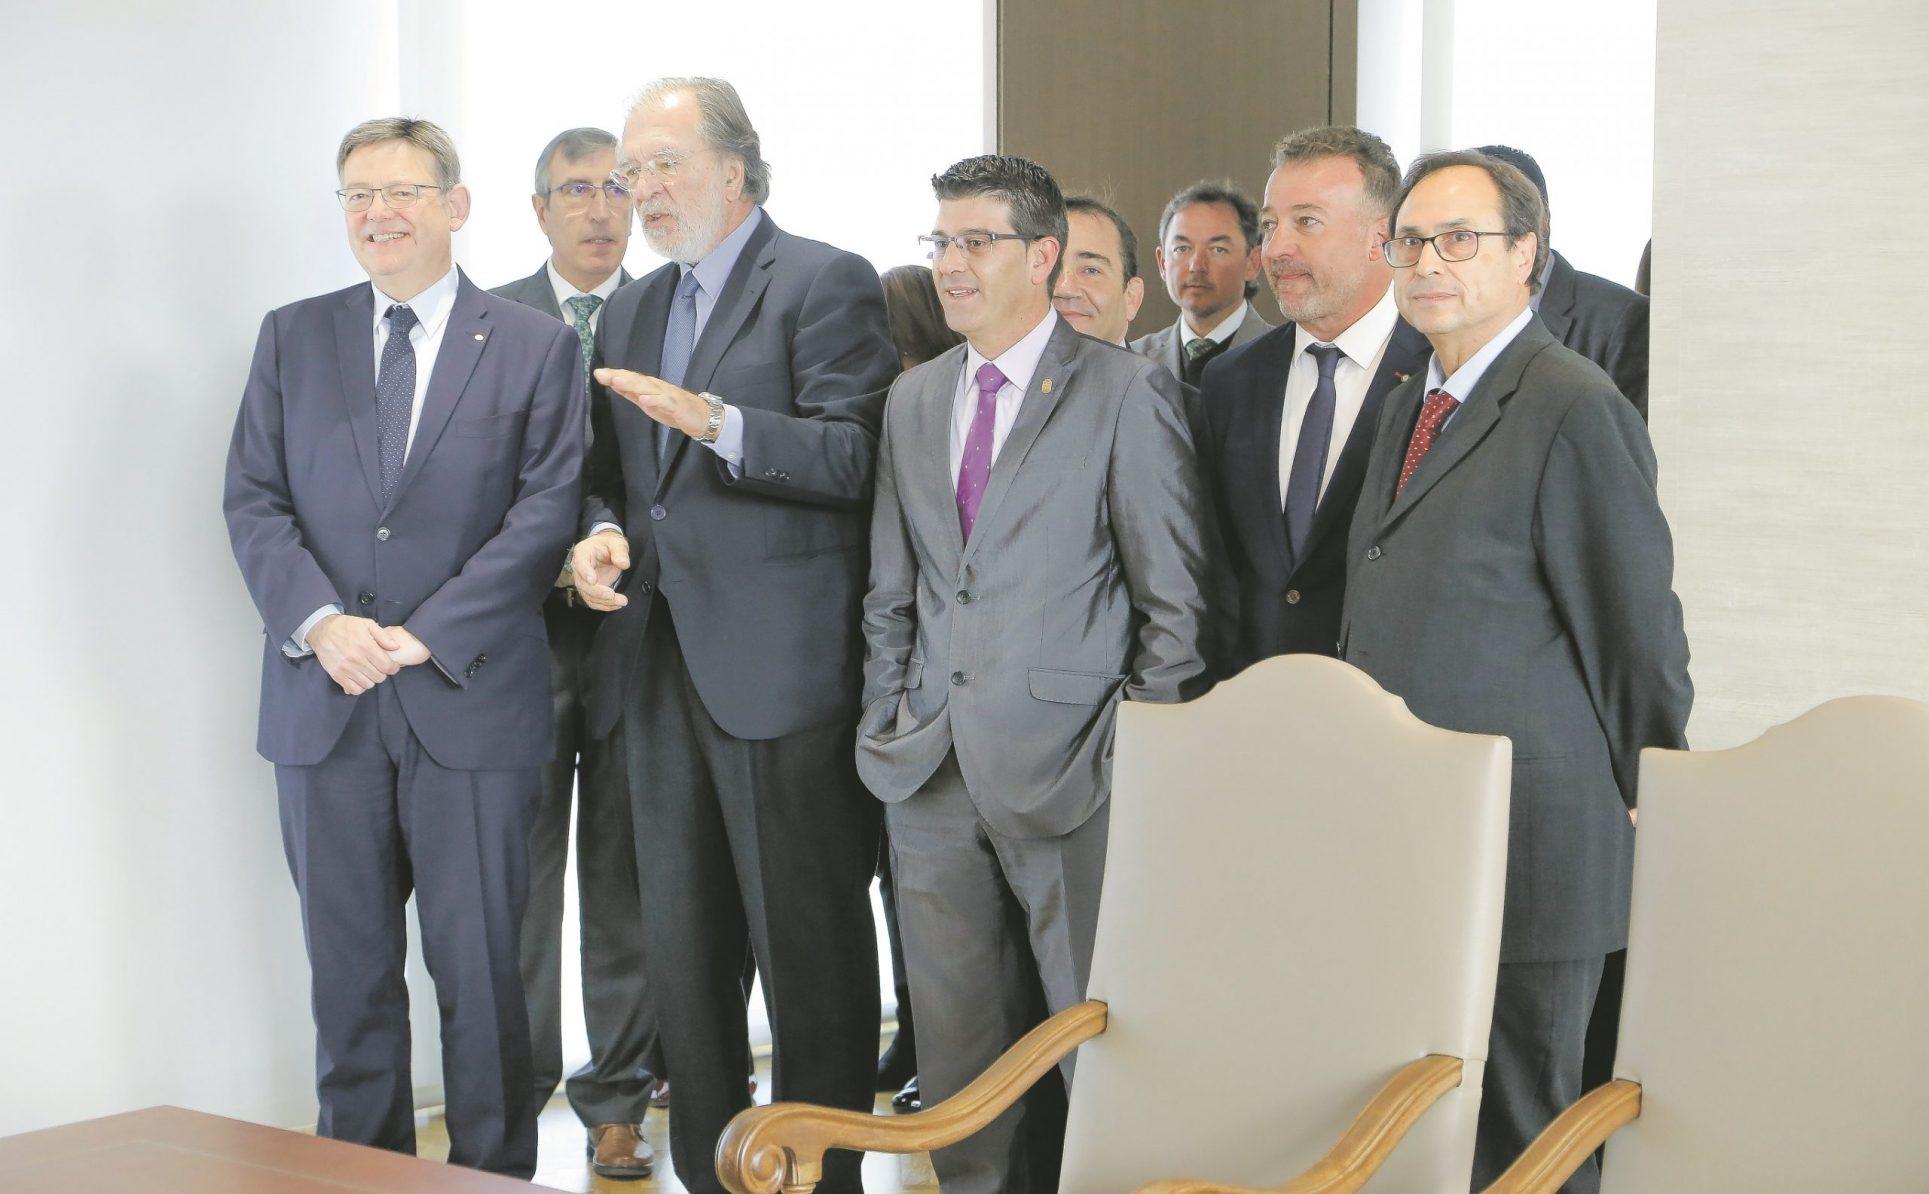 Carbonell deixarà la presidència a Pla en els pròxims mesos El Periòdic d'Ontinyent - Noticies a Ontinyent